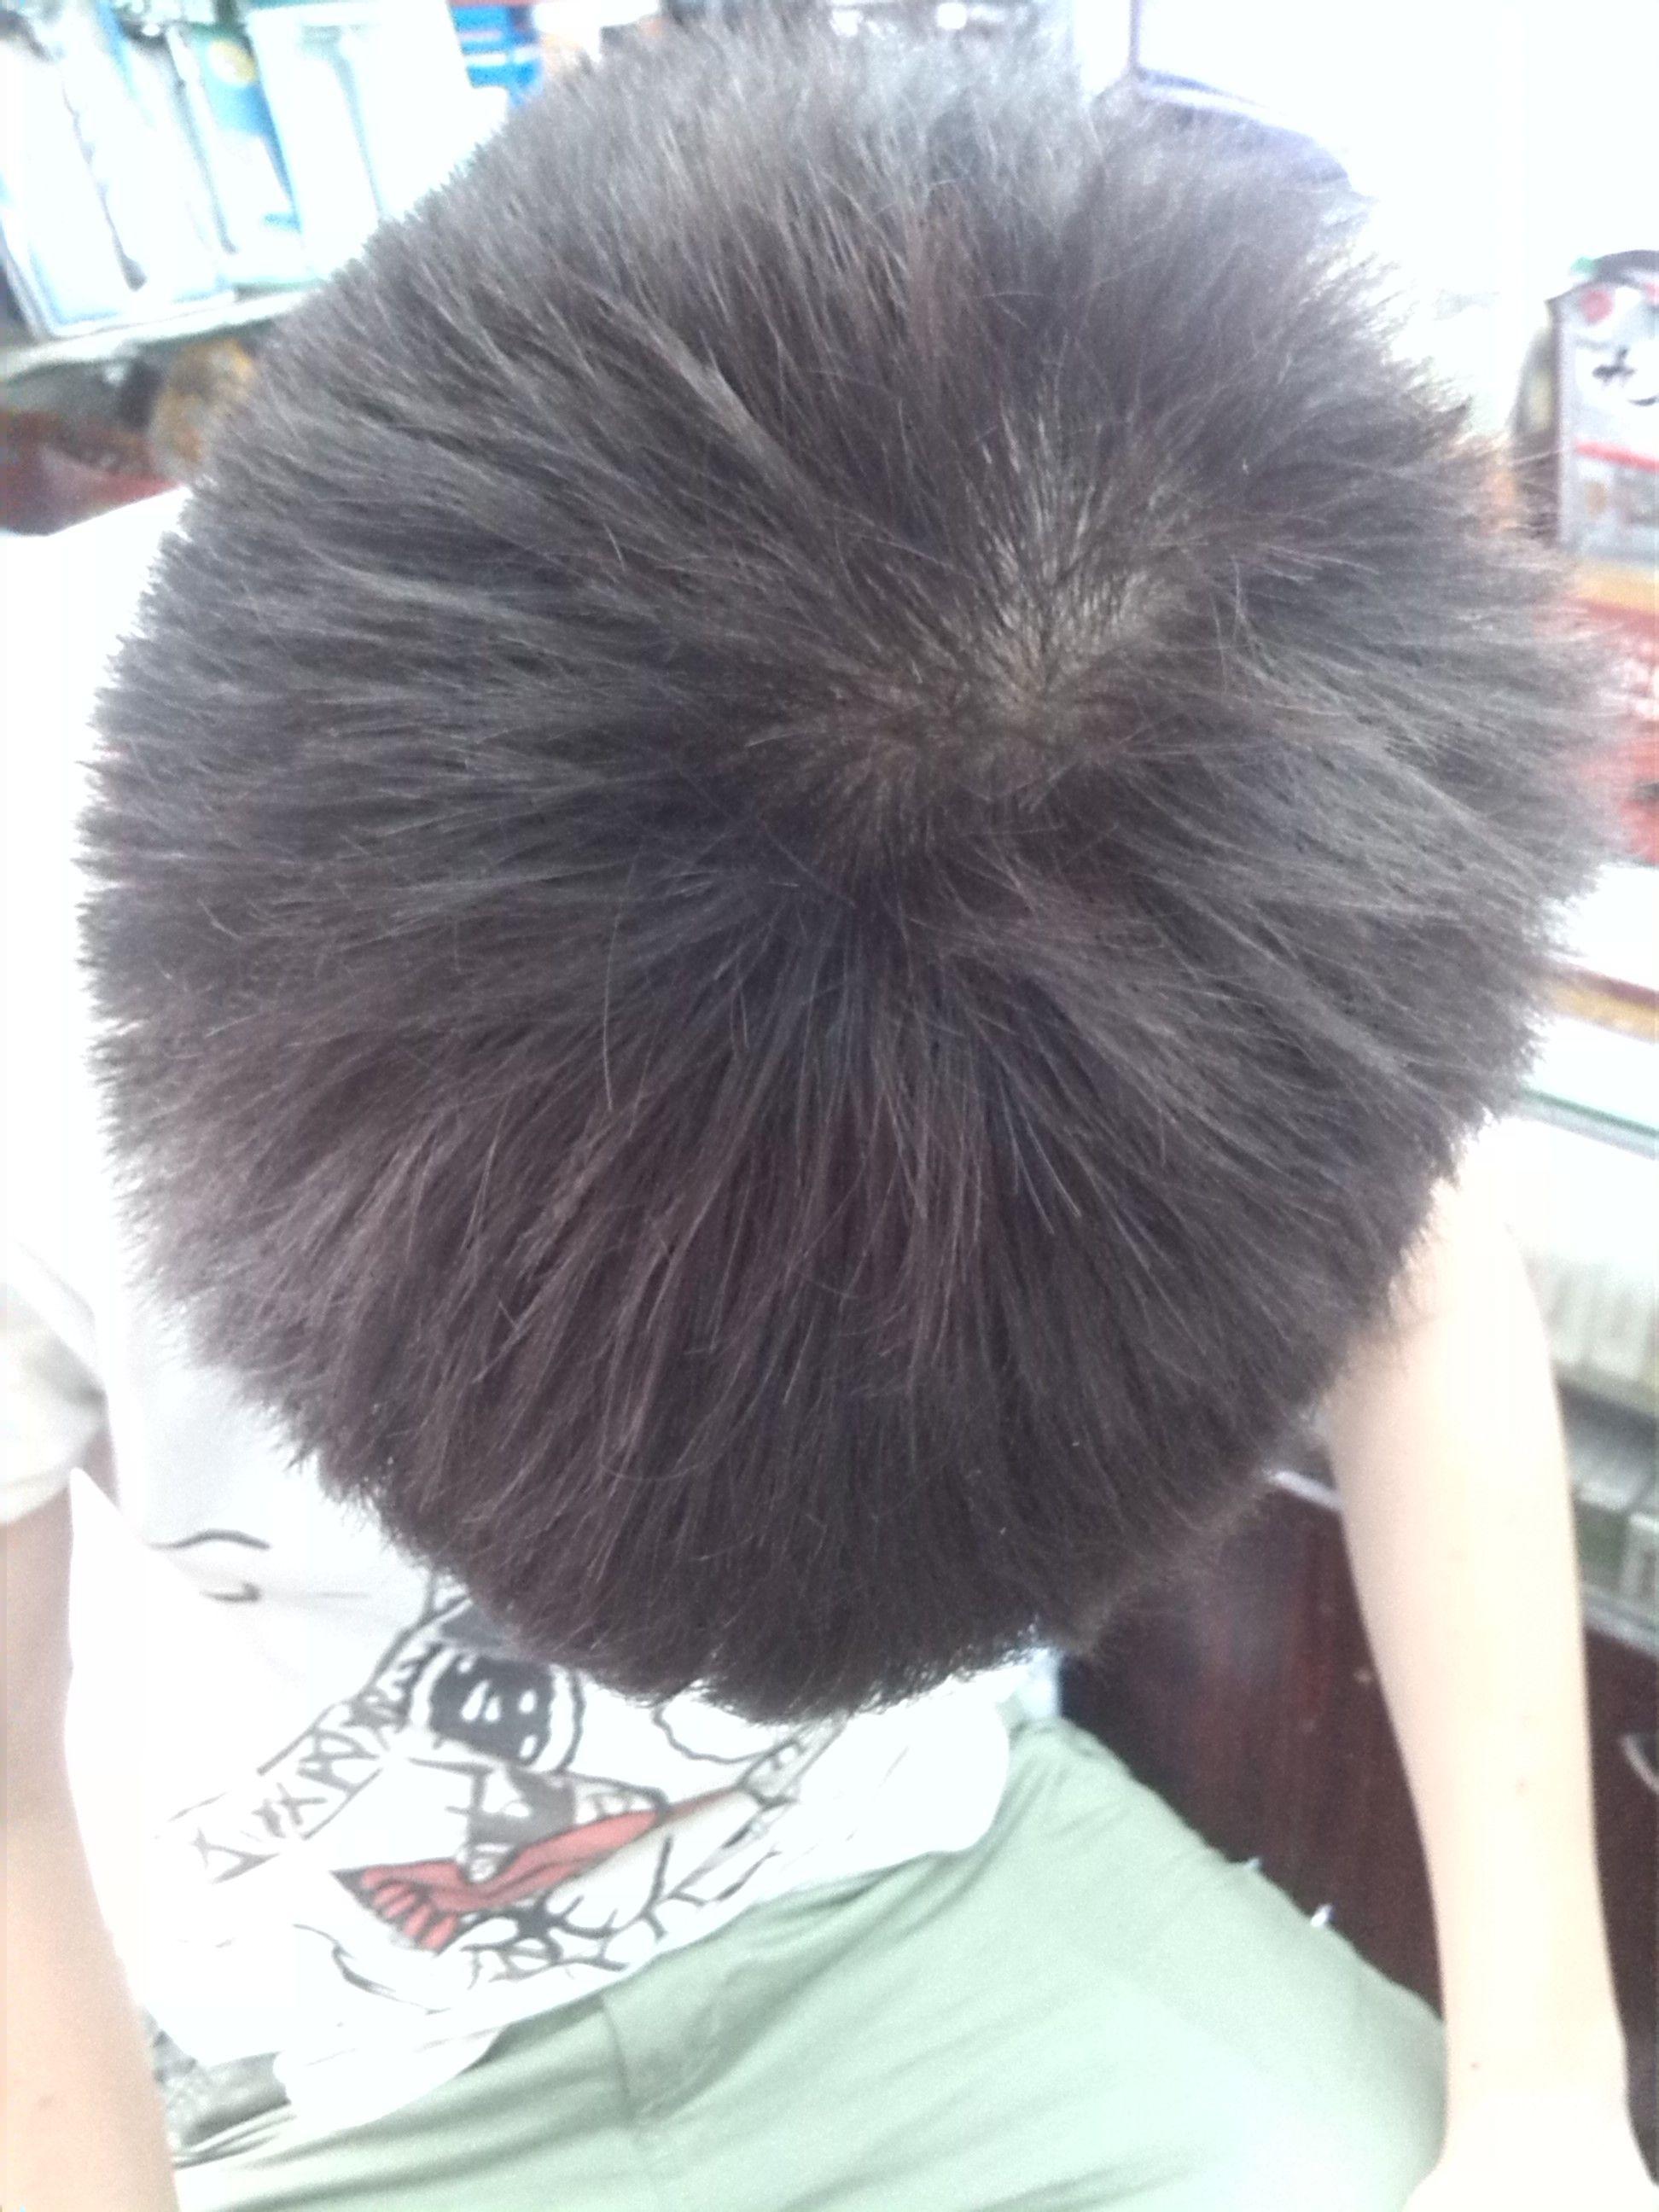 去理发店剪头发,前面厚刘海,可以让后面的头发塌下来吗图片